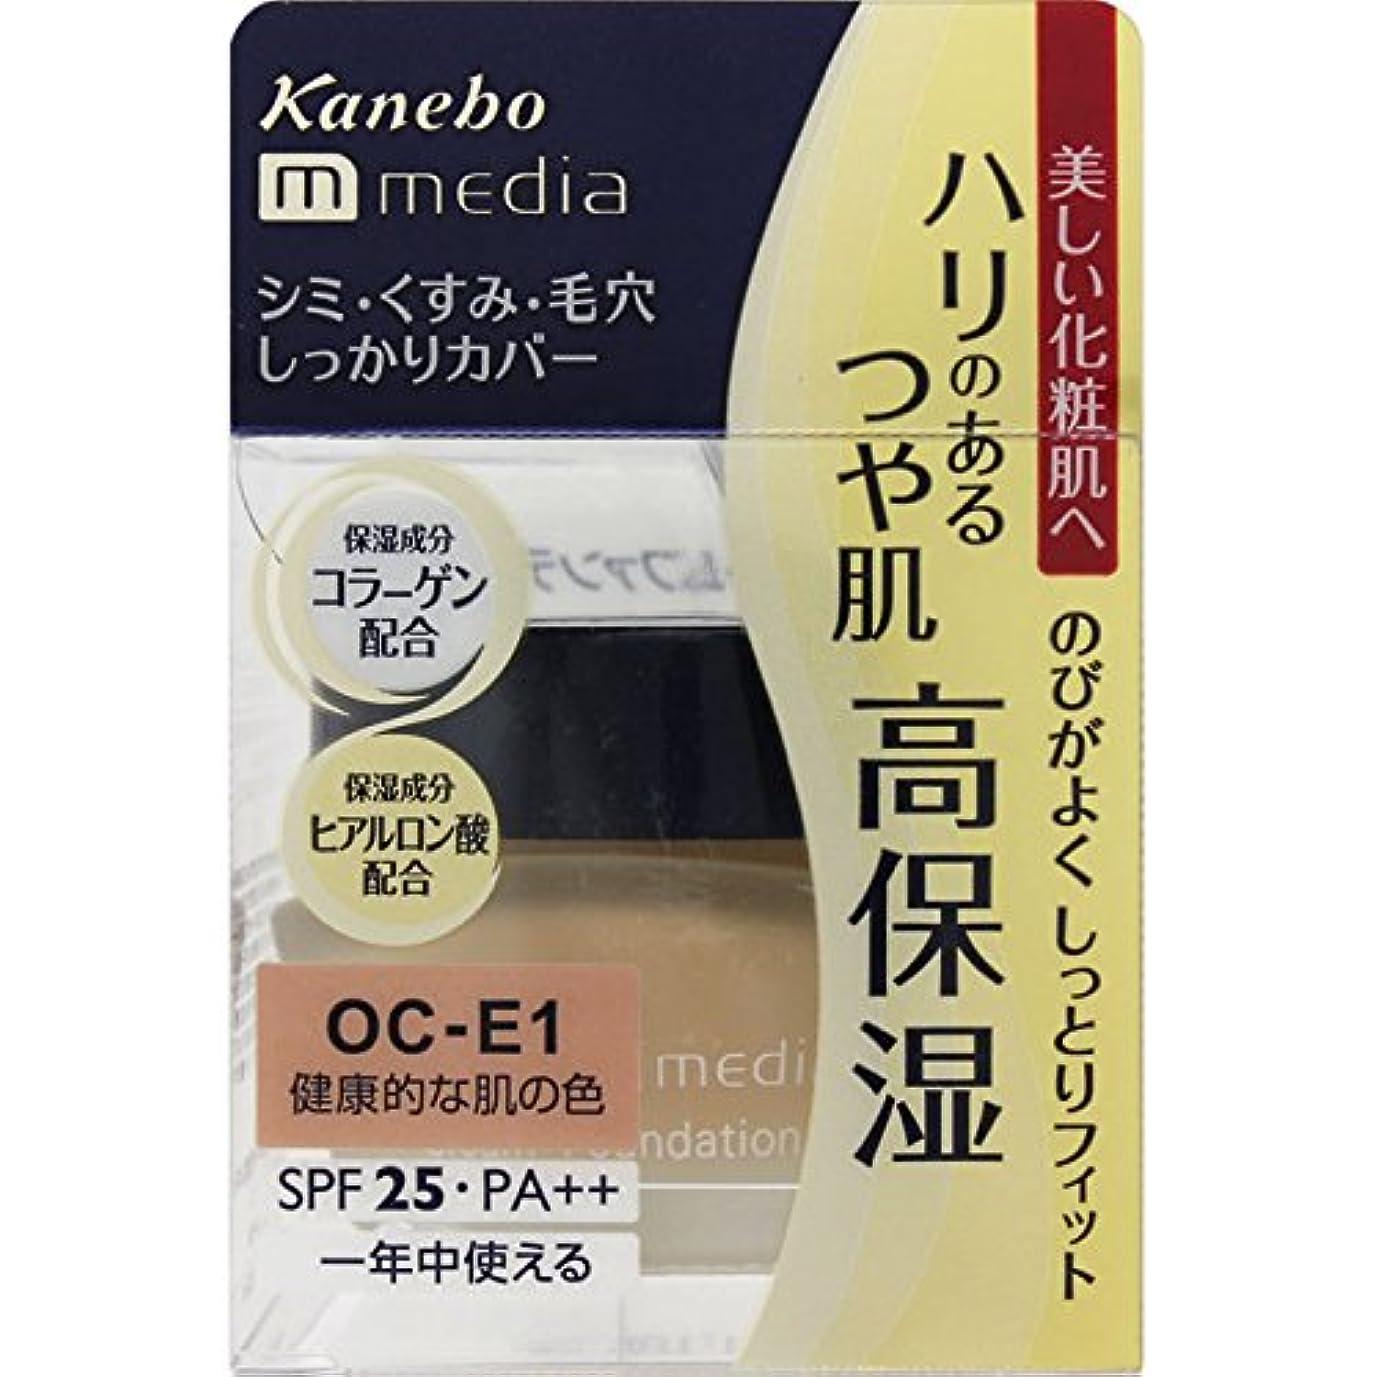 フレット拍車二十カネボウ media(メディア) クリームファンデーション OC-E1(健康的な肌の色)